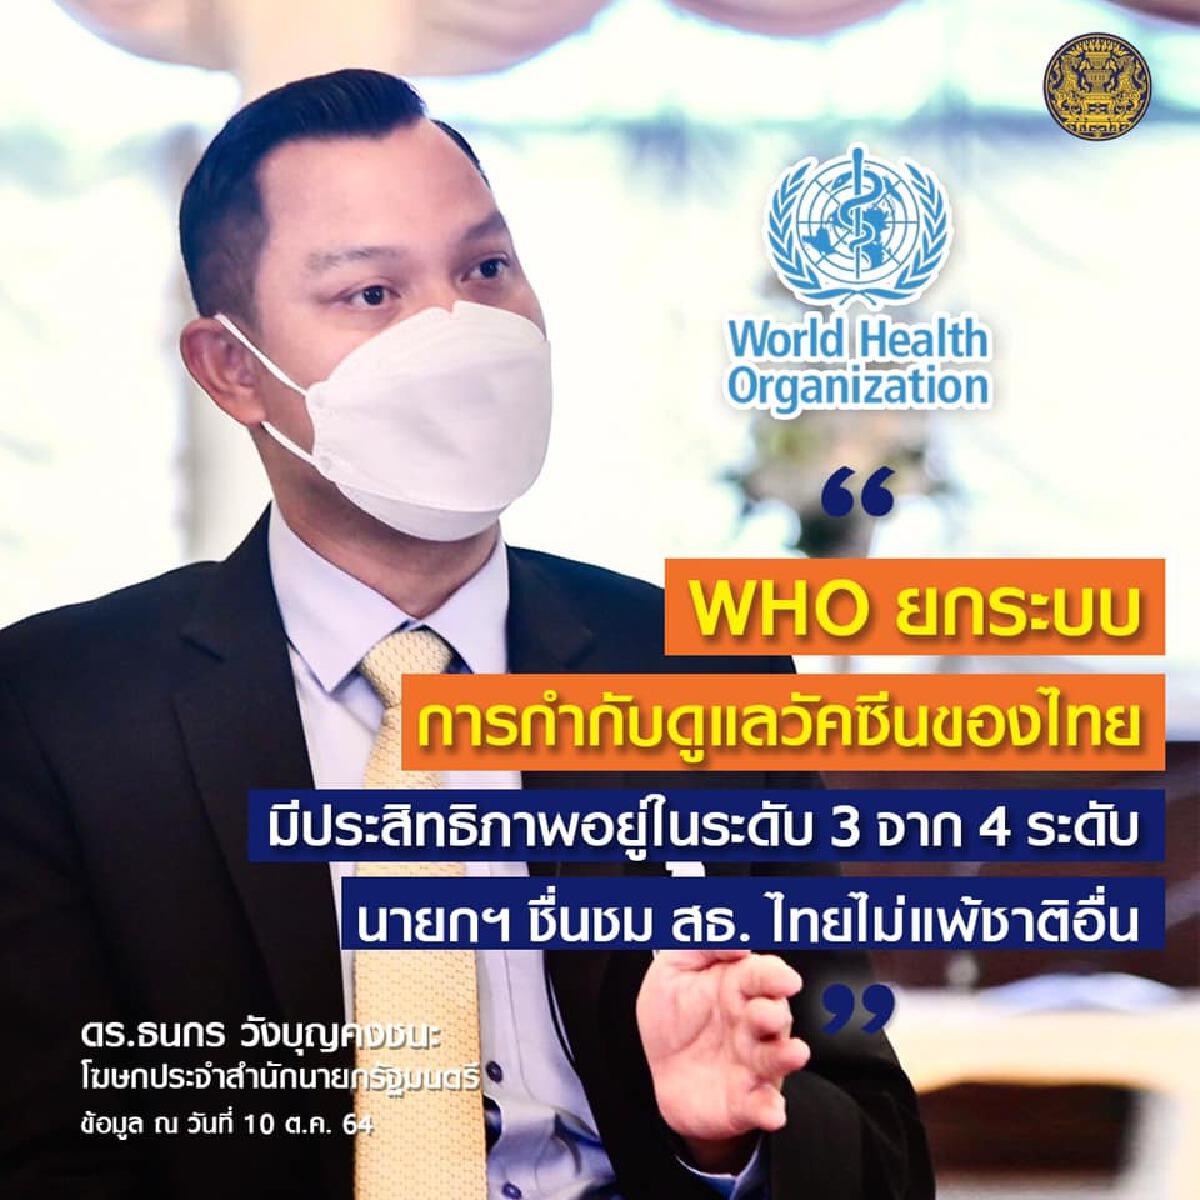 WHO ยกให้ระบบการกำกับดูแลวัคซีนของไทย มีประสิทธิภาพระดับ 3